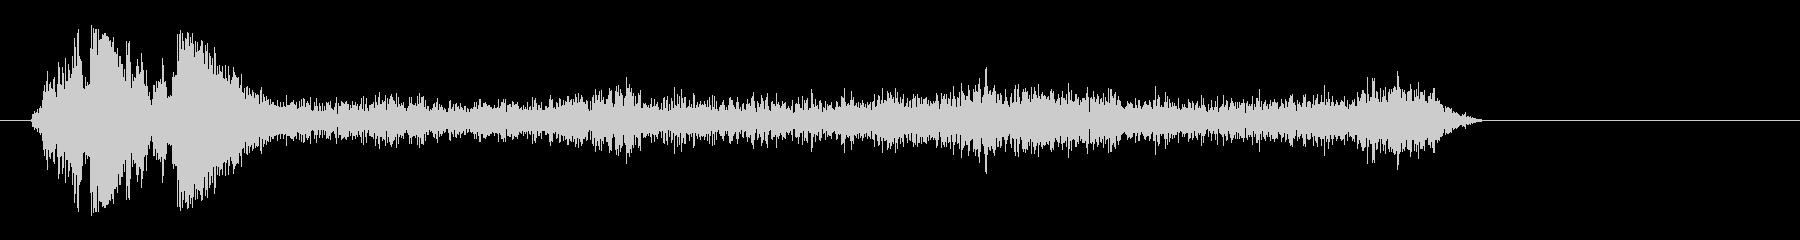 シュウウウというマシンの作動音の未再生の波形